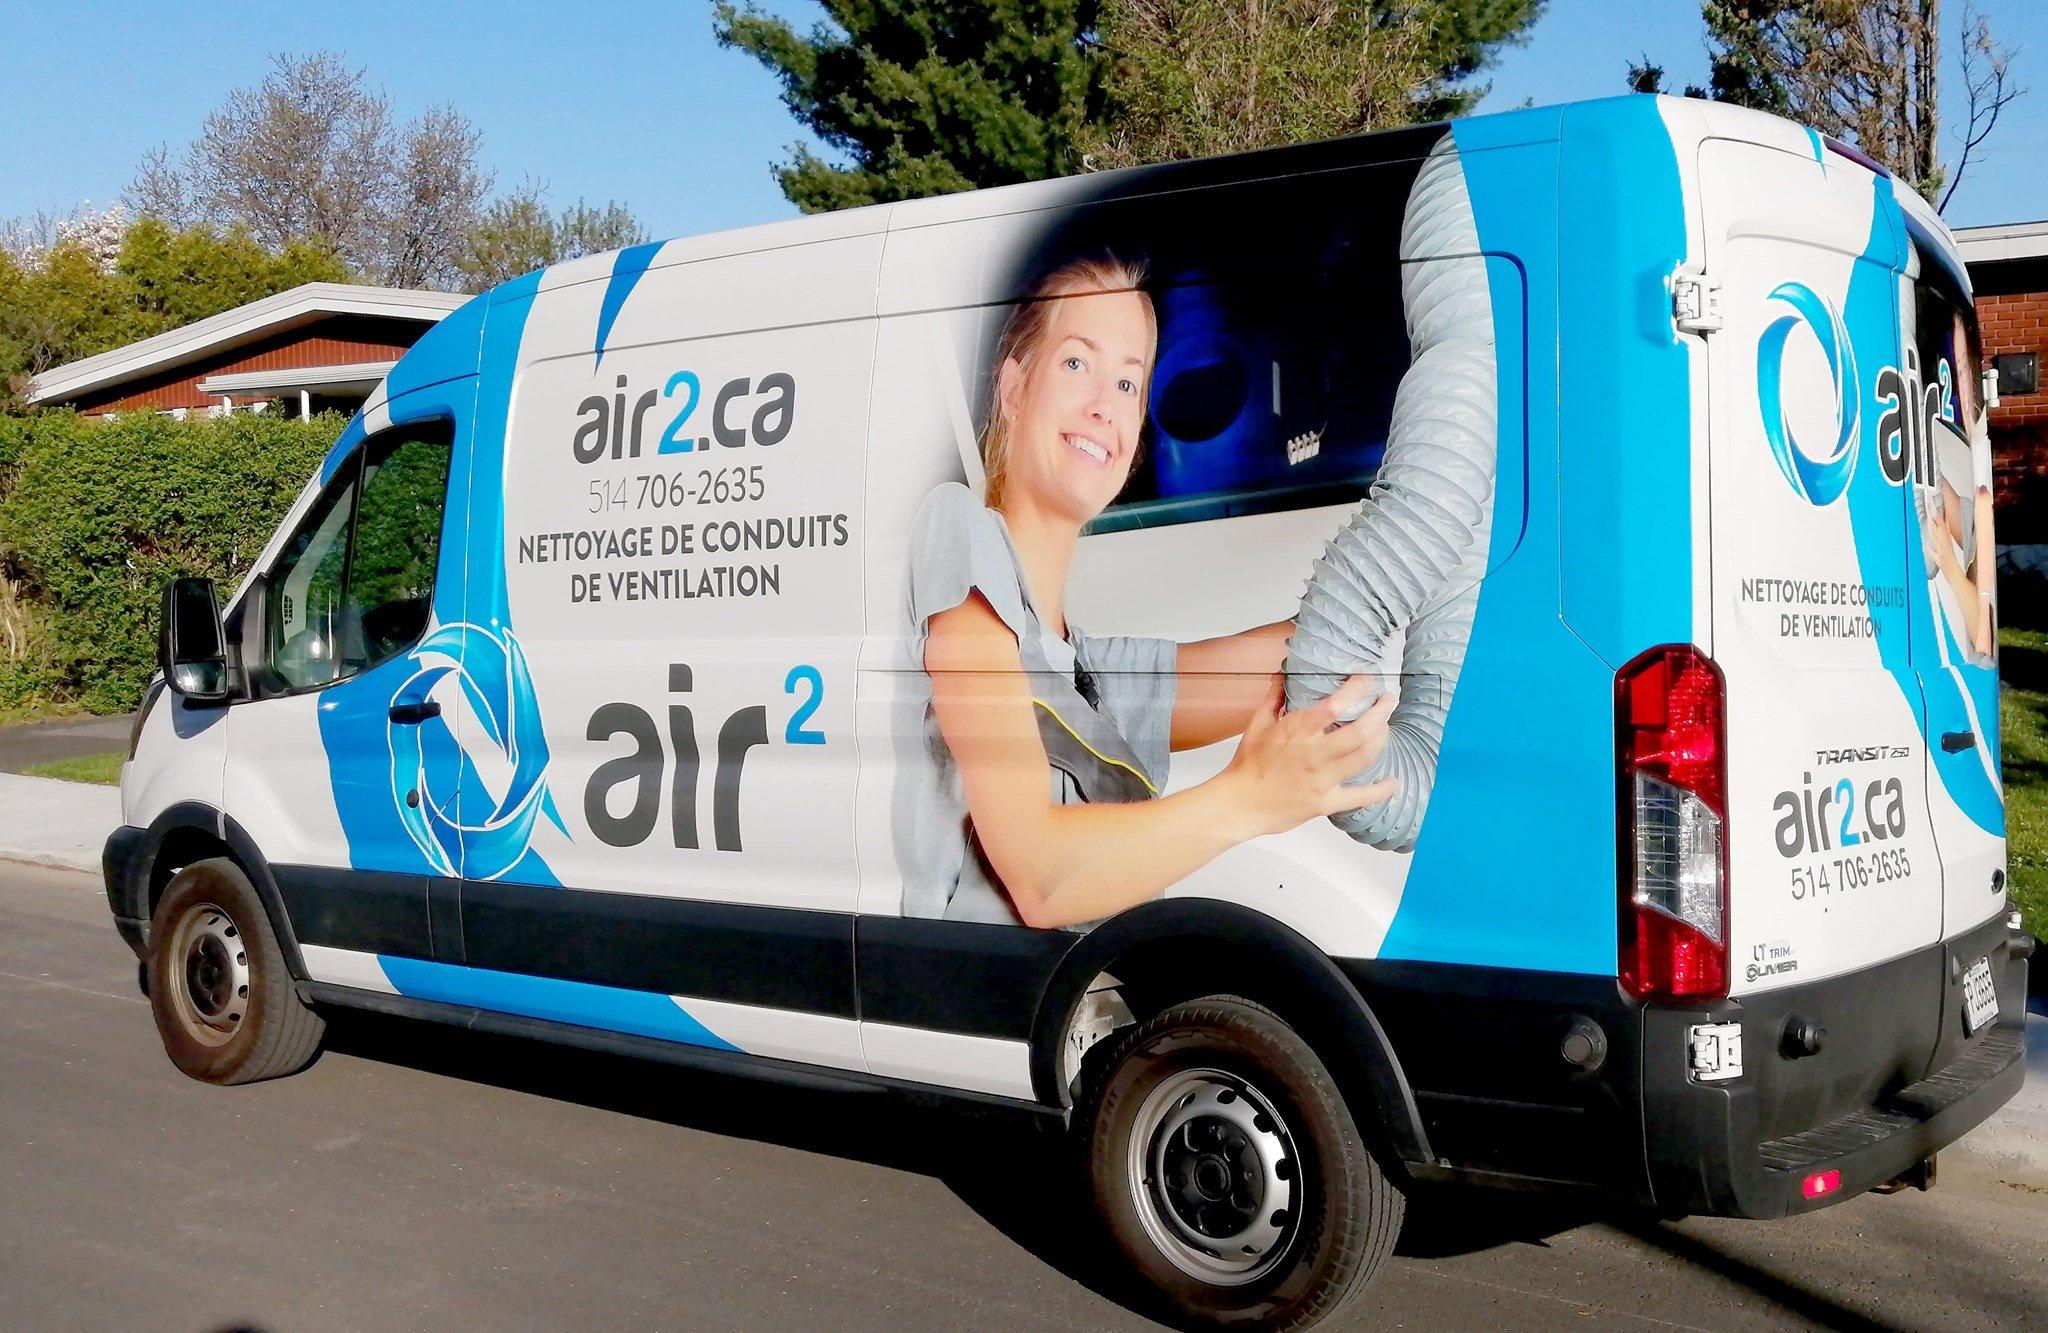 transit air2